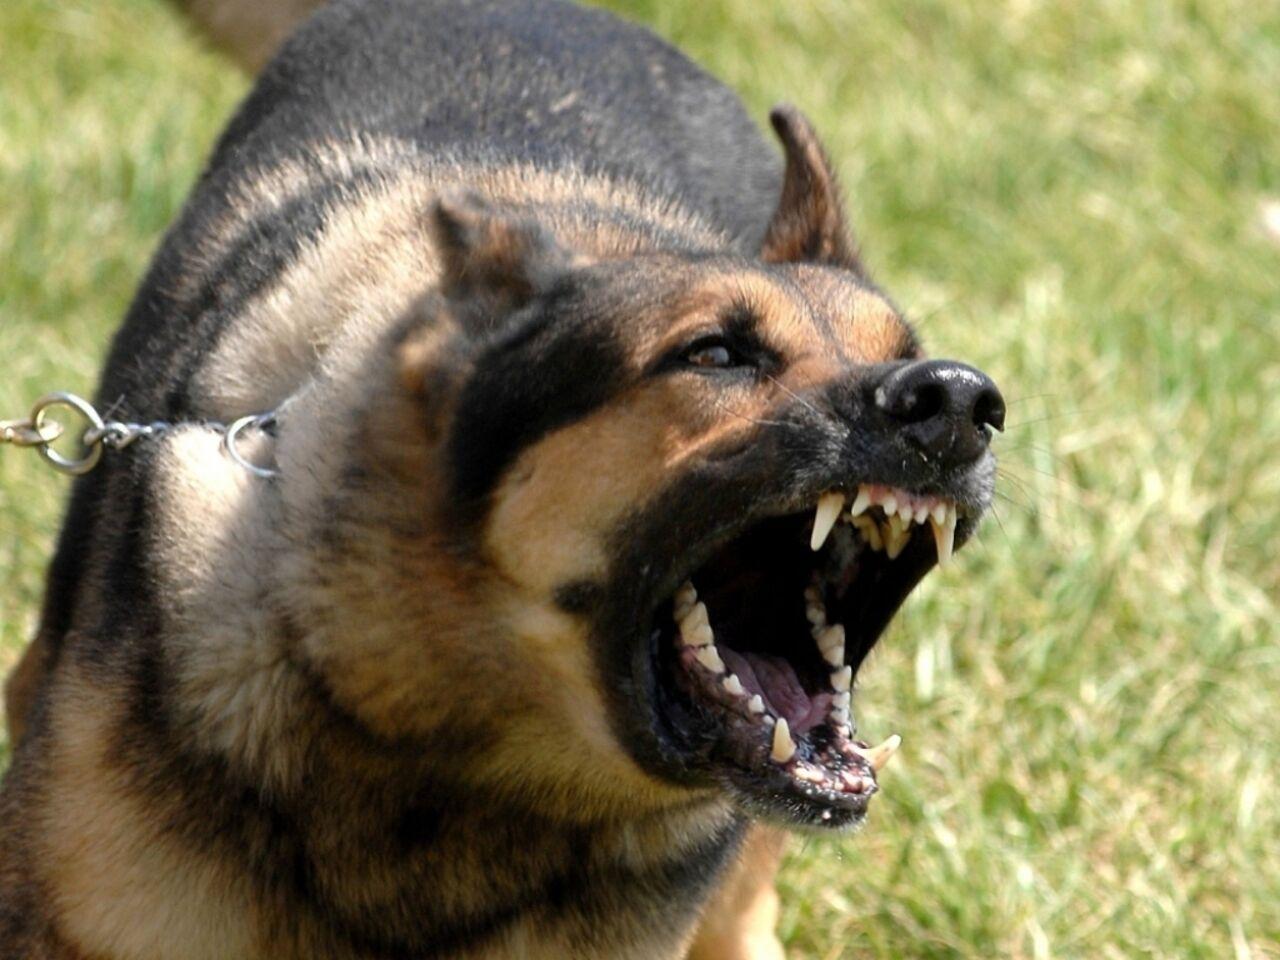 ВНовосибирске собачка напала на6-летнюю девочку